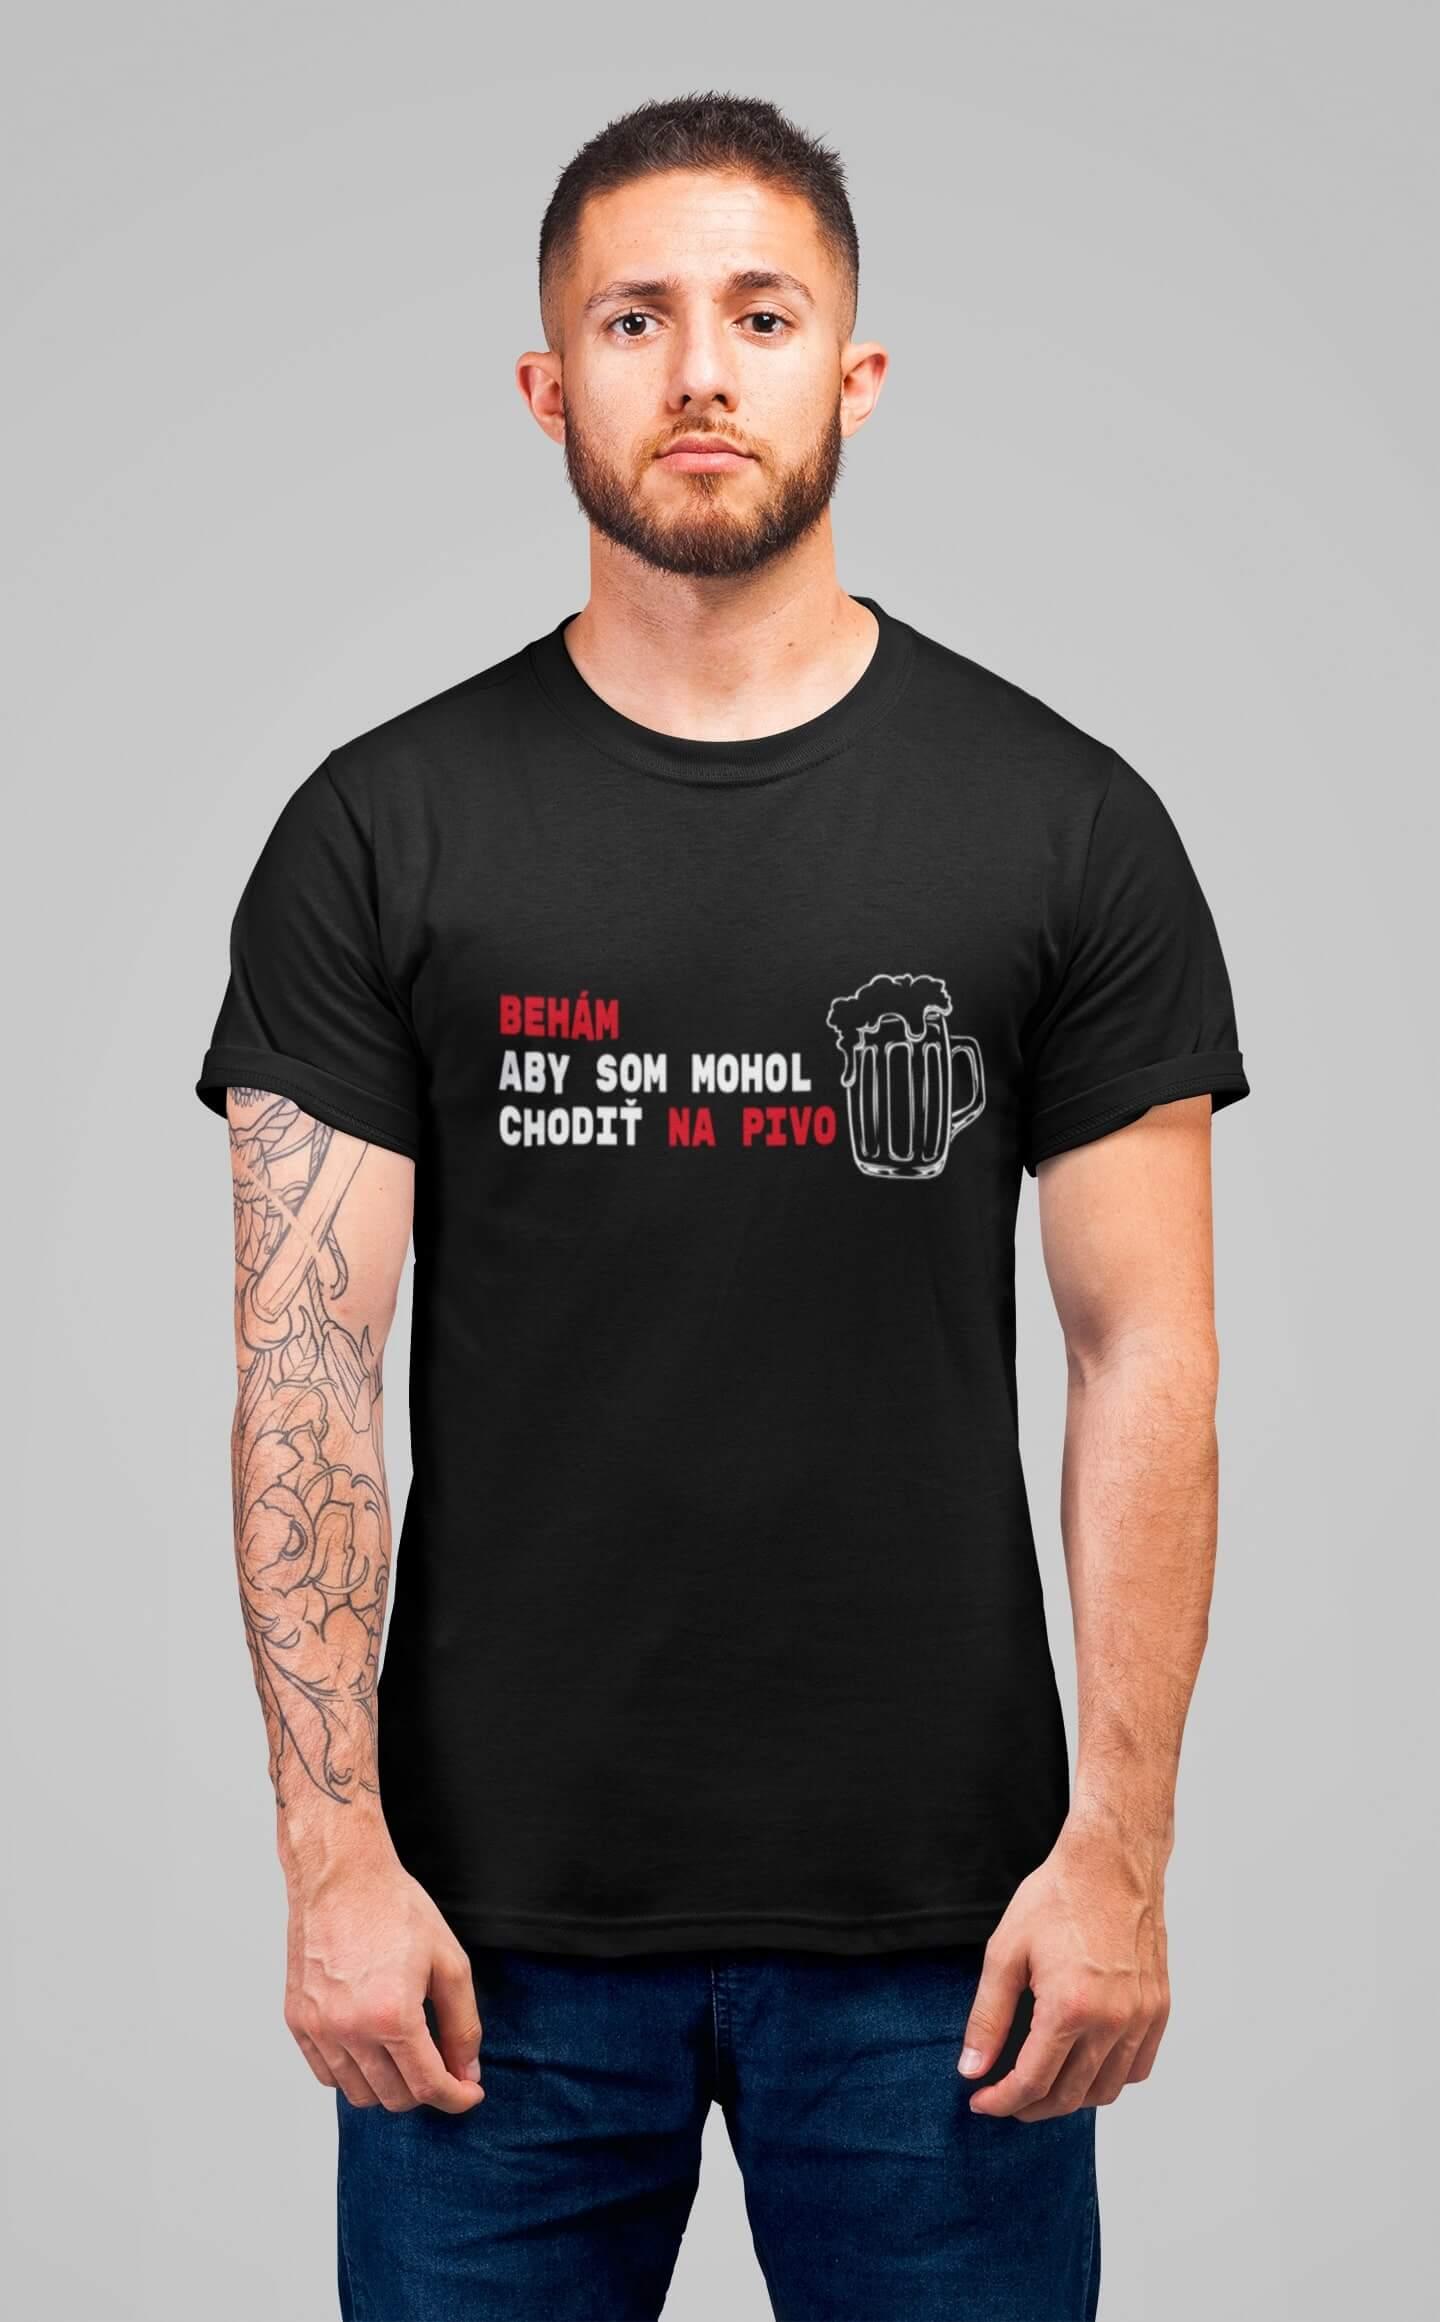 MMO Pánske tričko Behám Vyberte farbu: Čierna, Vyberte veľkosť: L